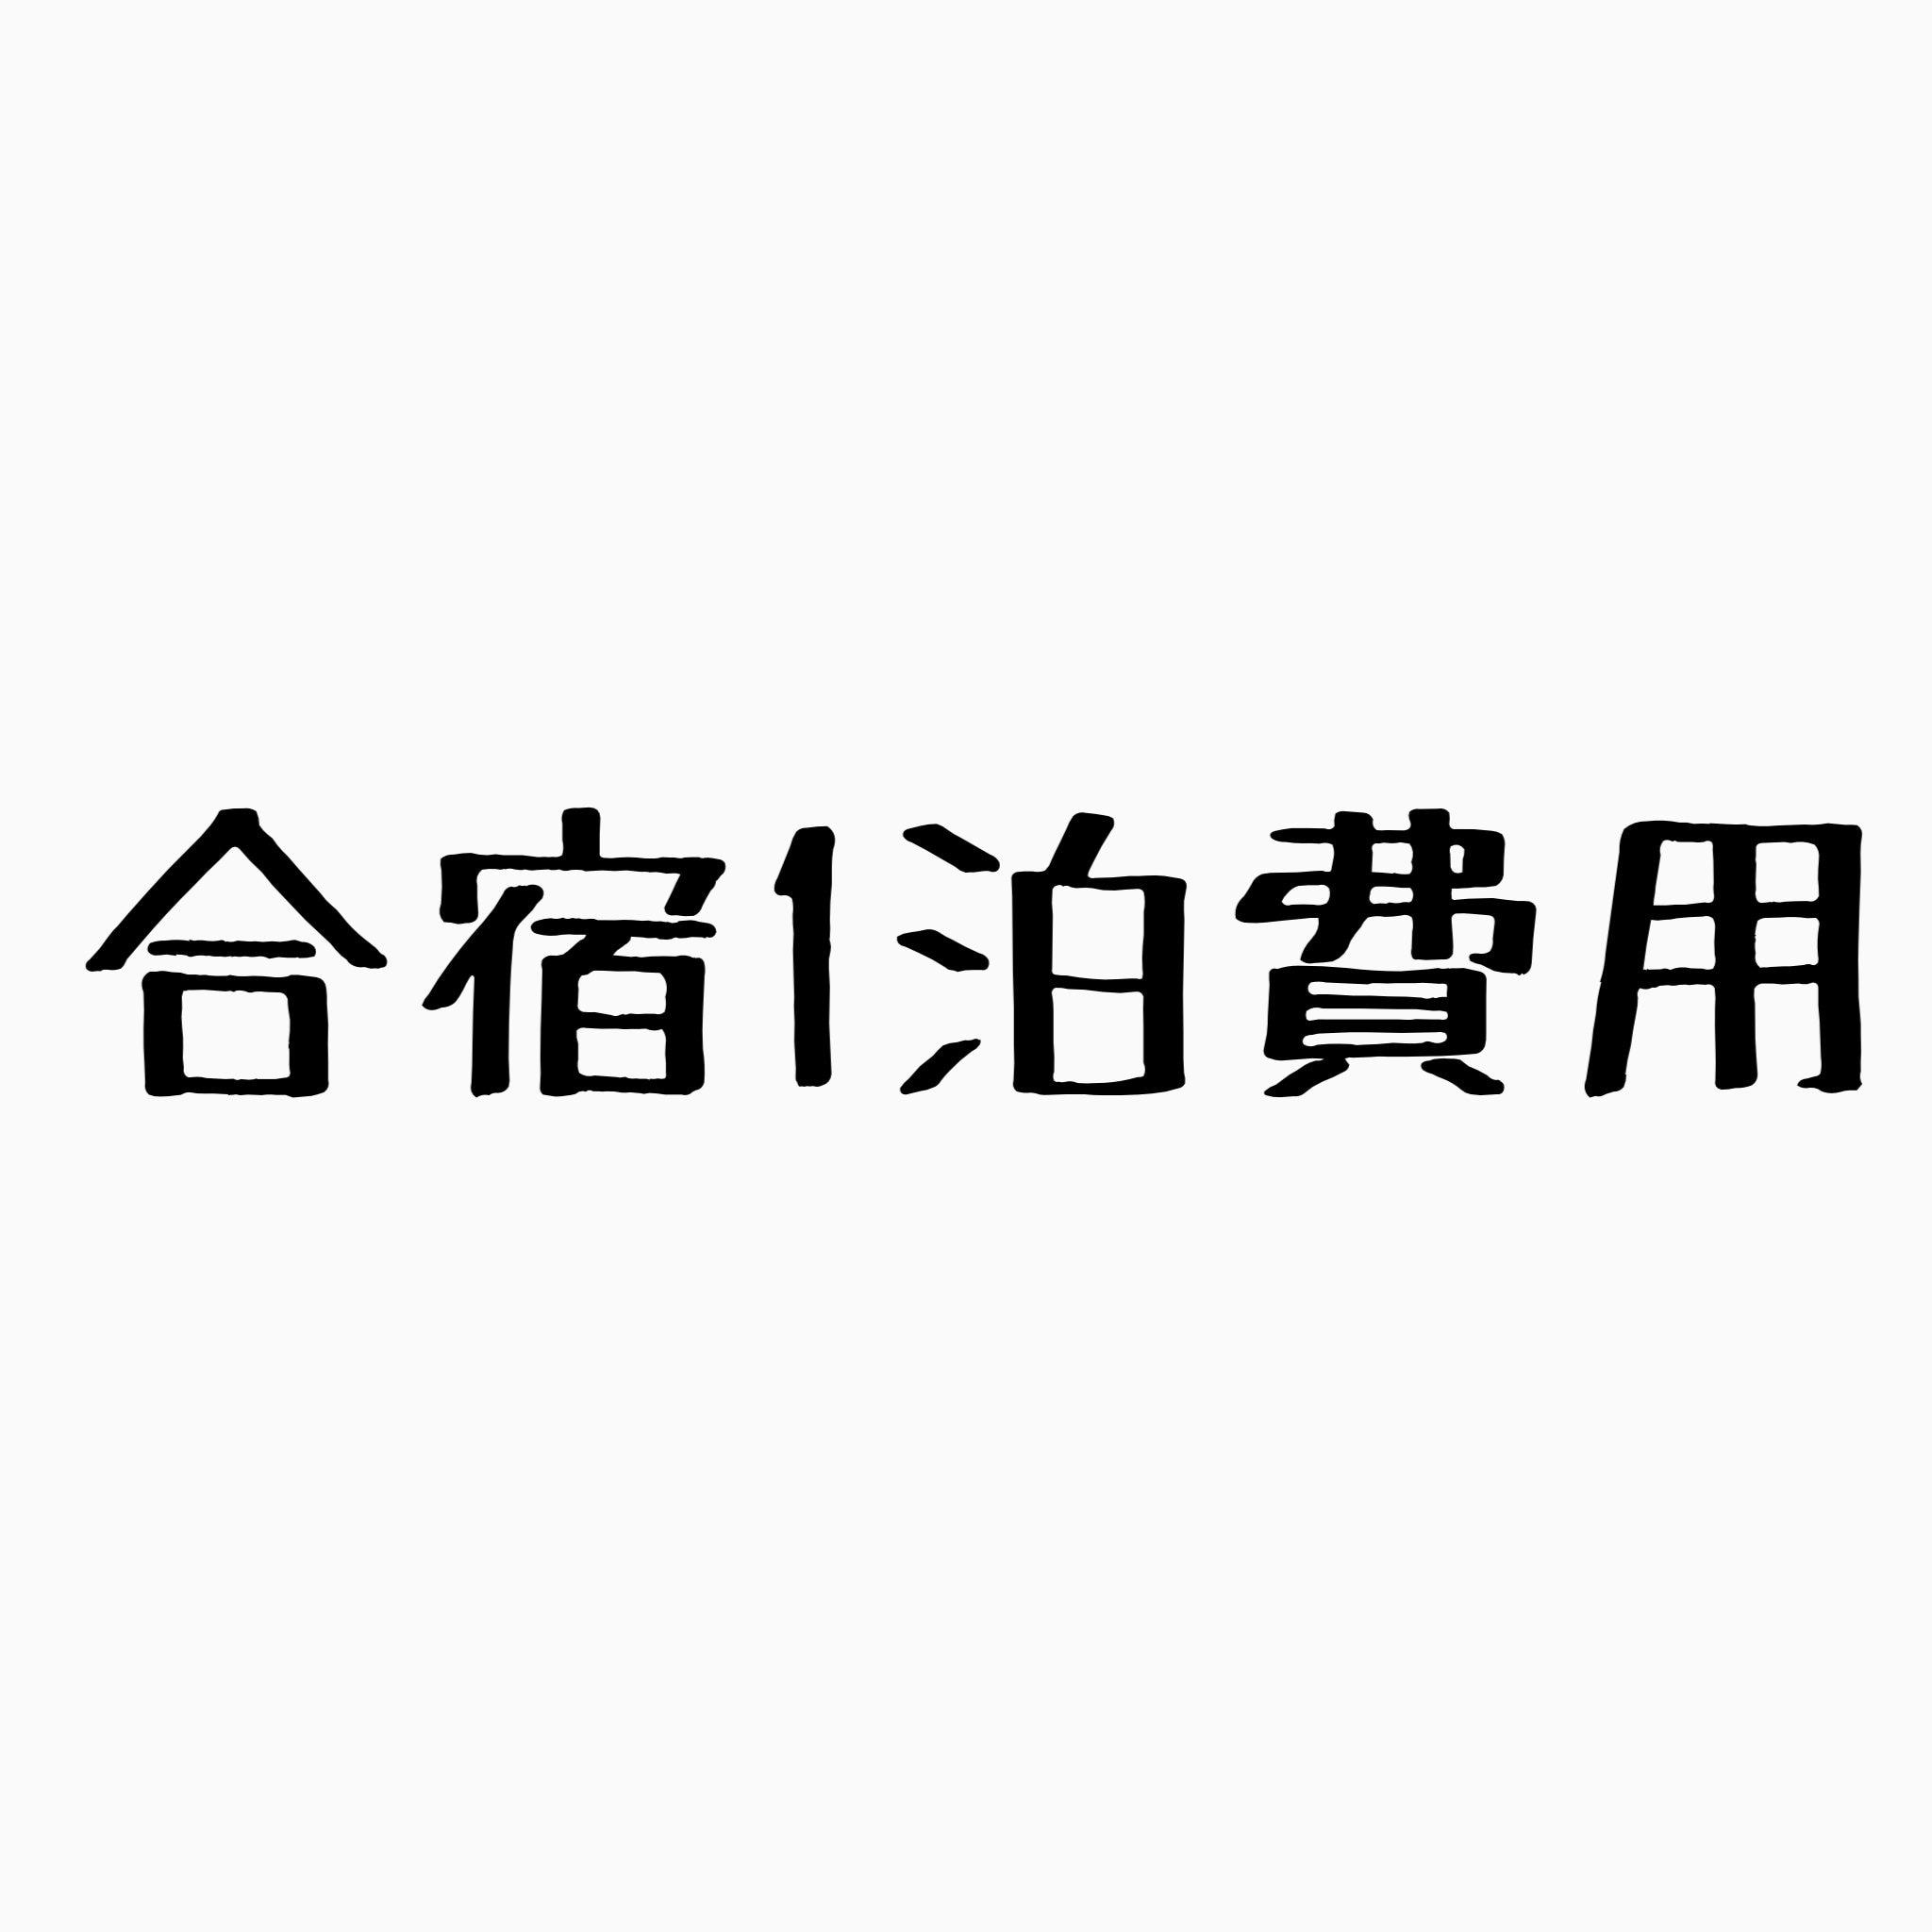 福岡合宿 宿泊費のイメージその1